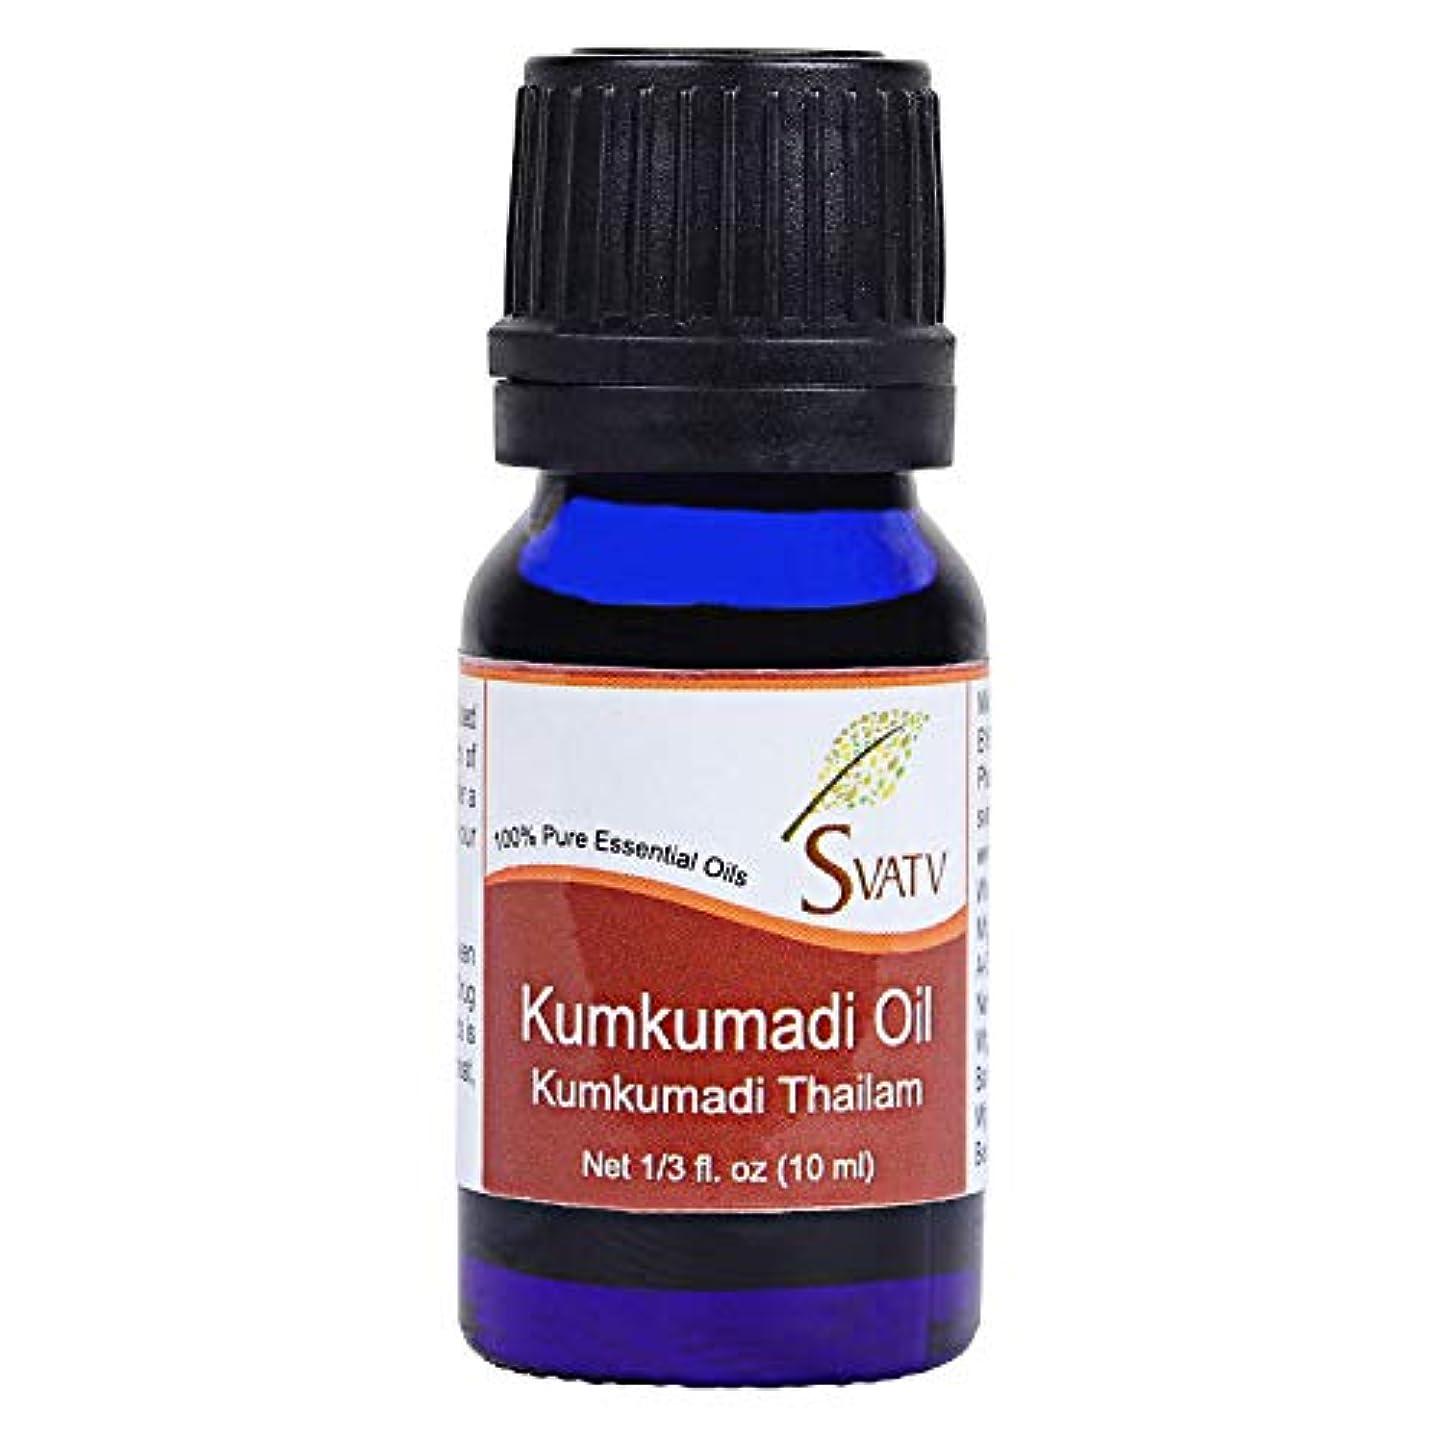 忌み嫌う比喩快適SVATV KUMKUMADI (kumkumadi thailam) Essential Oil 10 mL (1/3 oz)Therapeutic Grade Aromatherapy Essential Oil